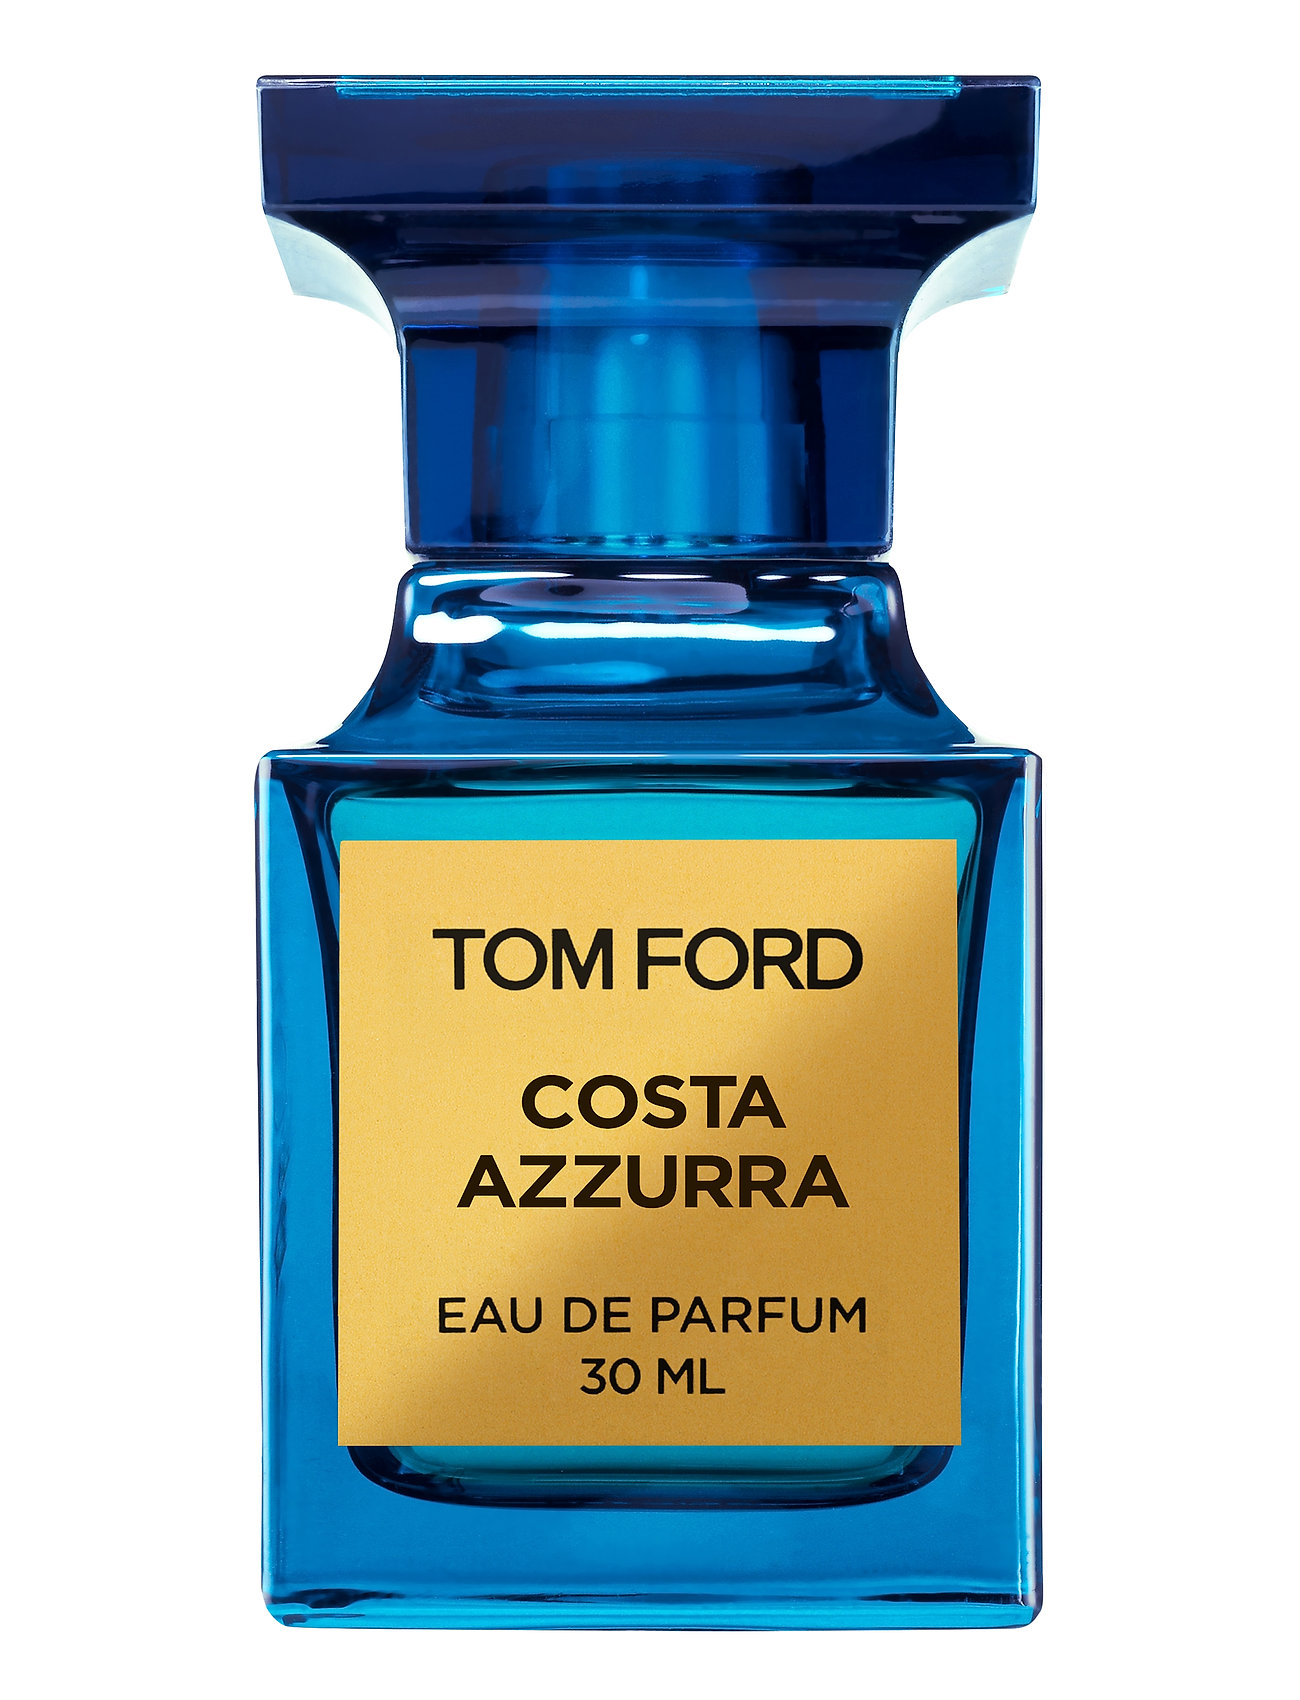 tom ford – Costa azzurra eau de parfum på boozt.com dk